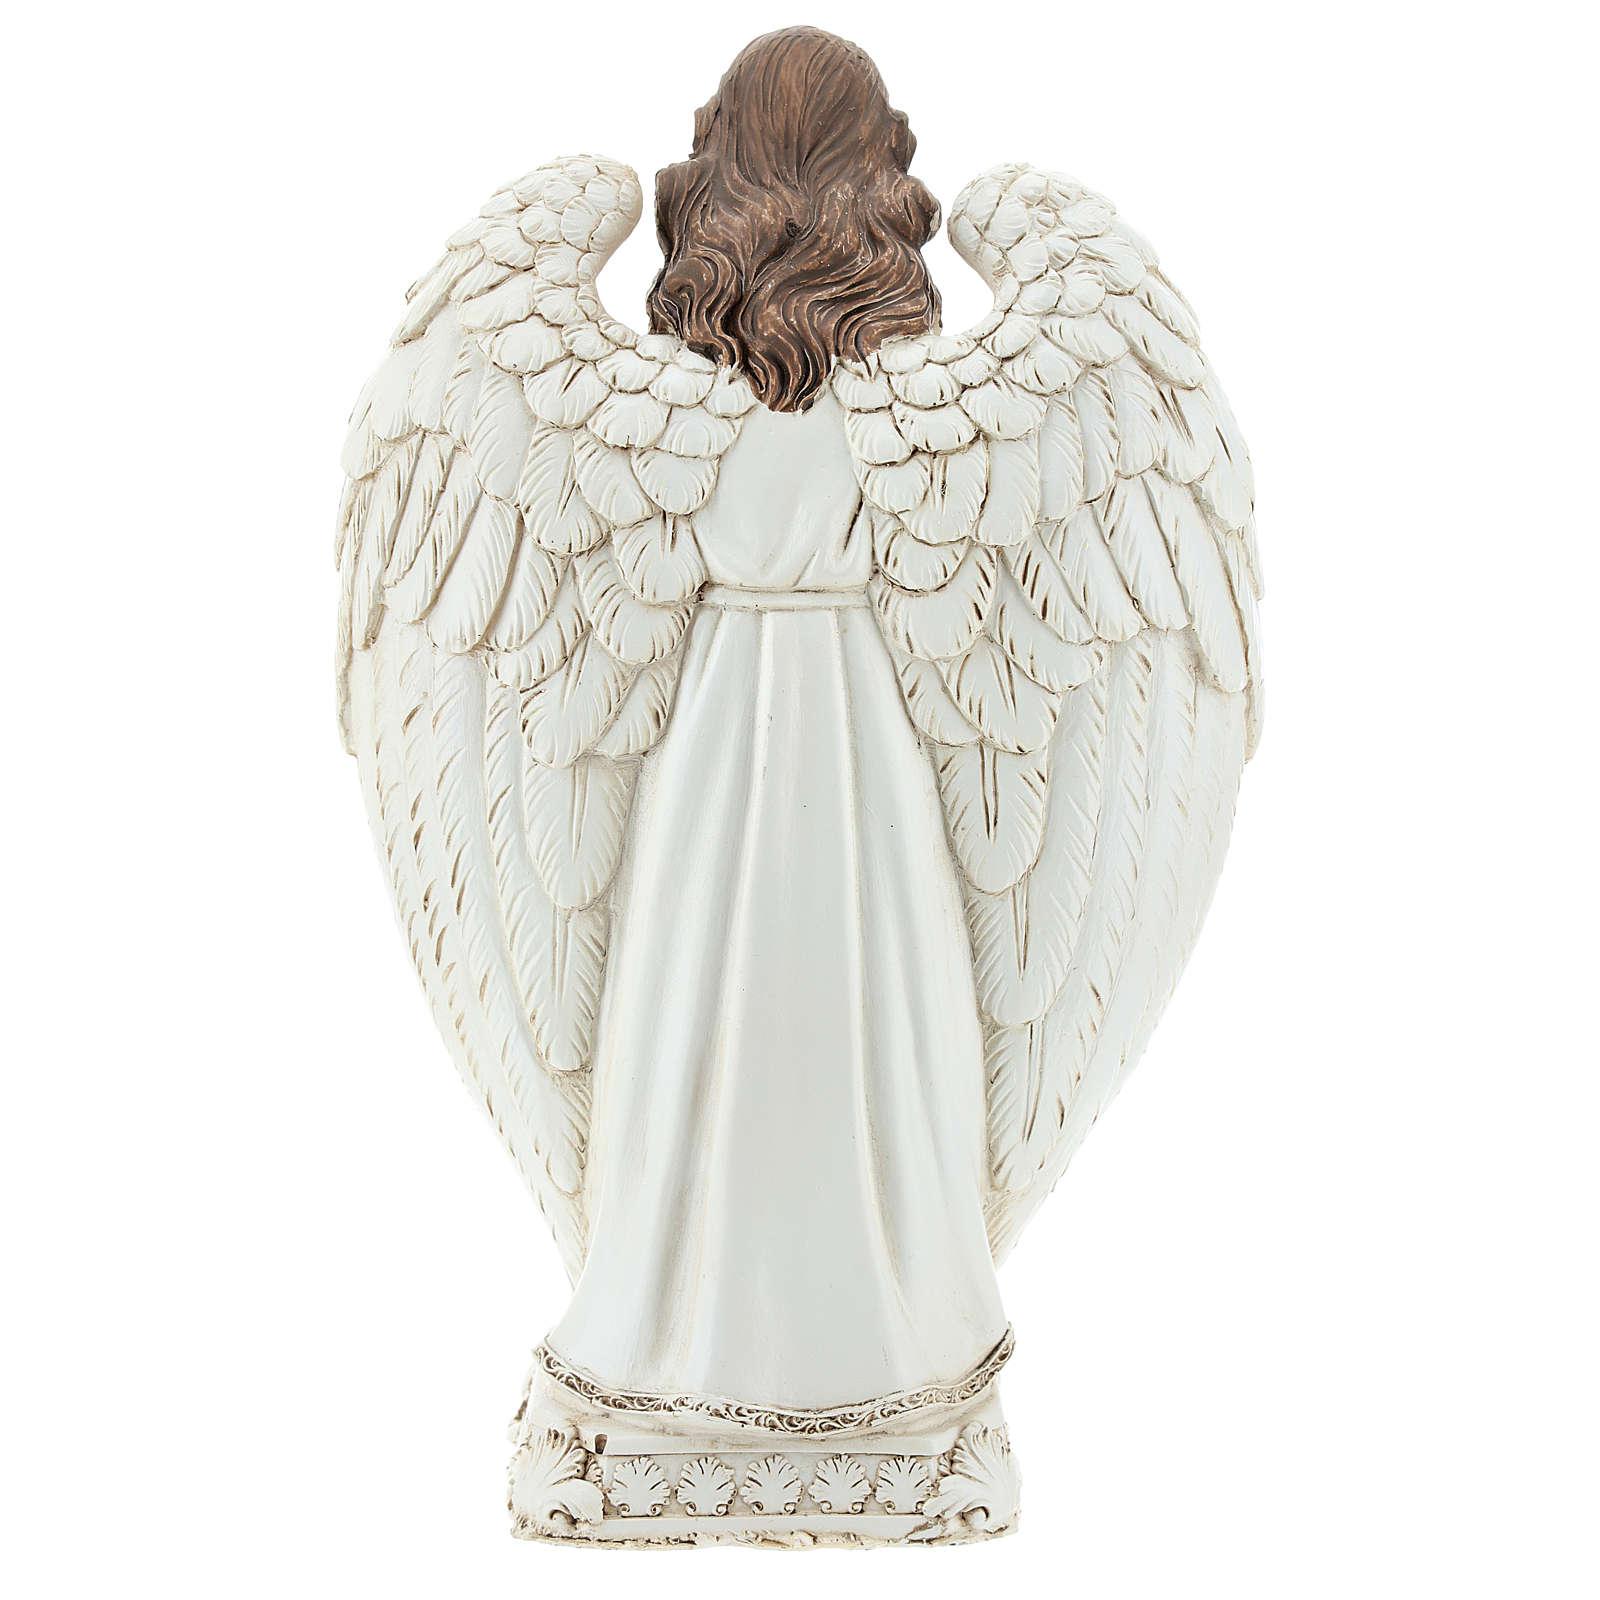 Escena natividad entre las alas del ángel 23 cm 3